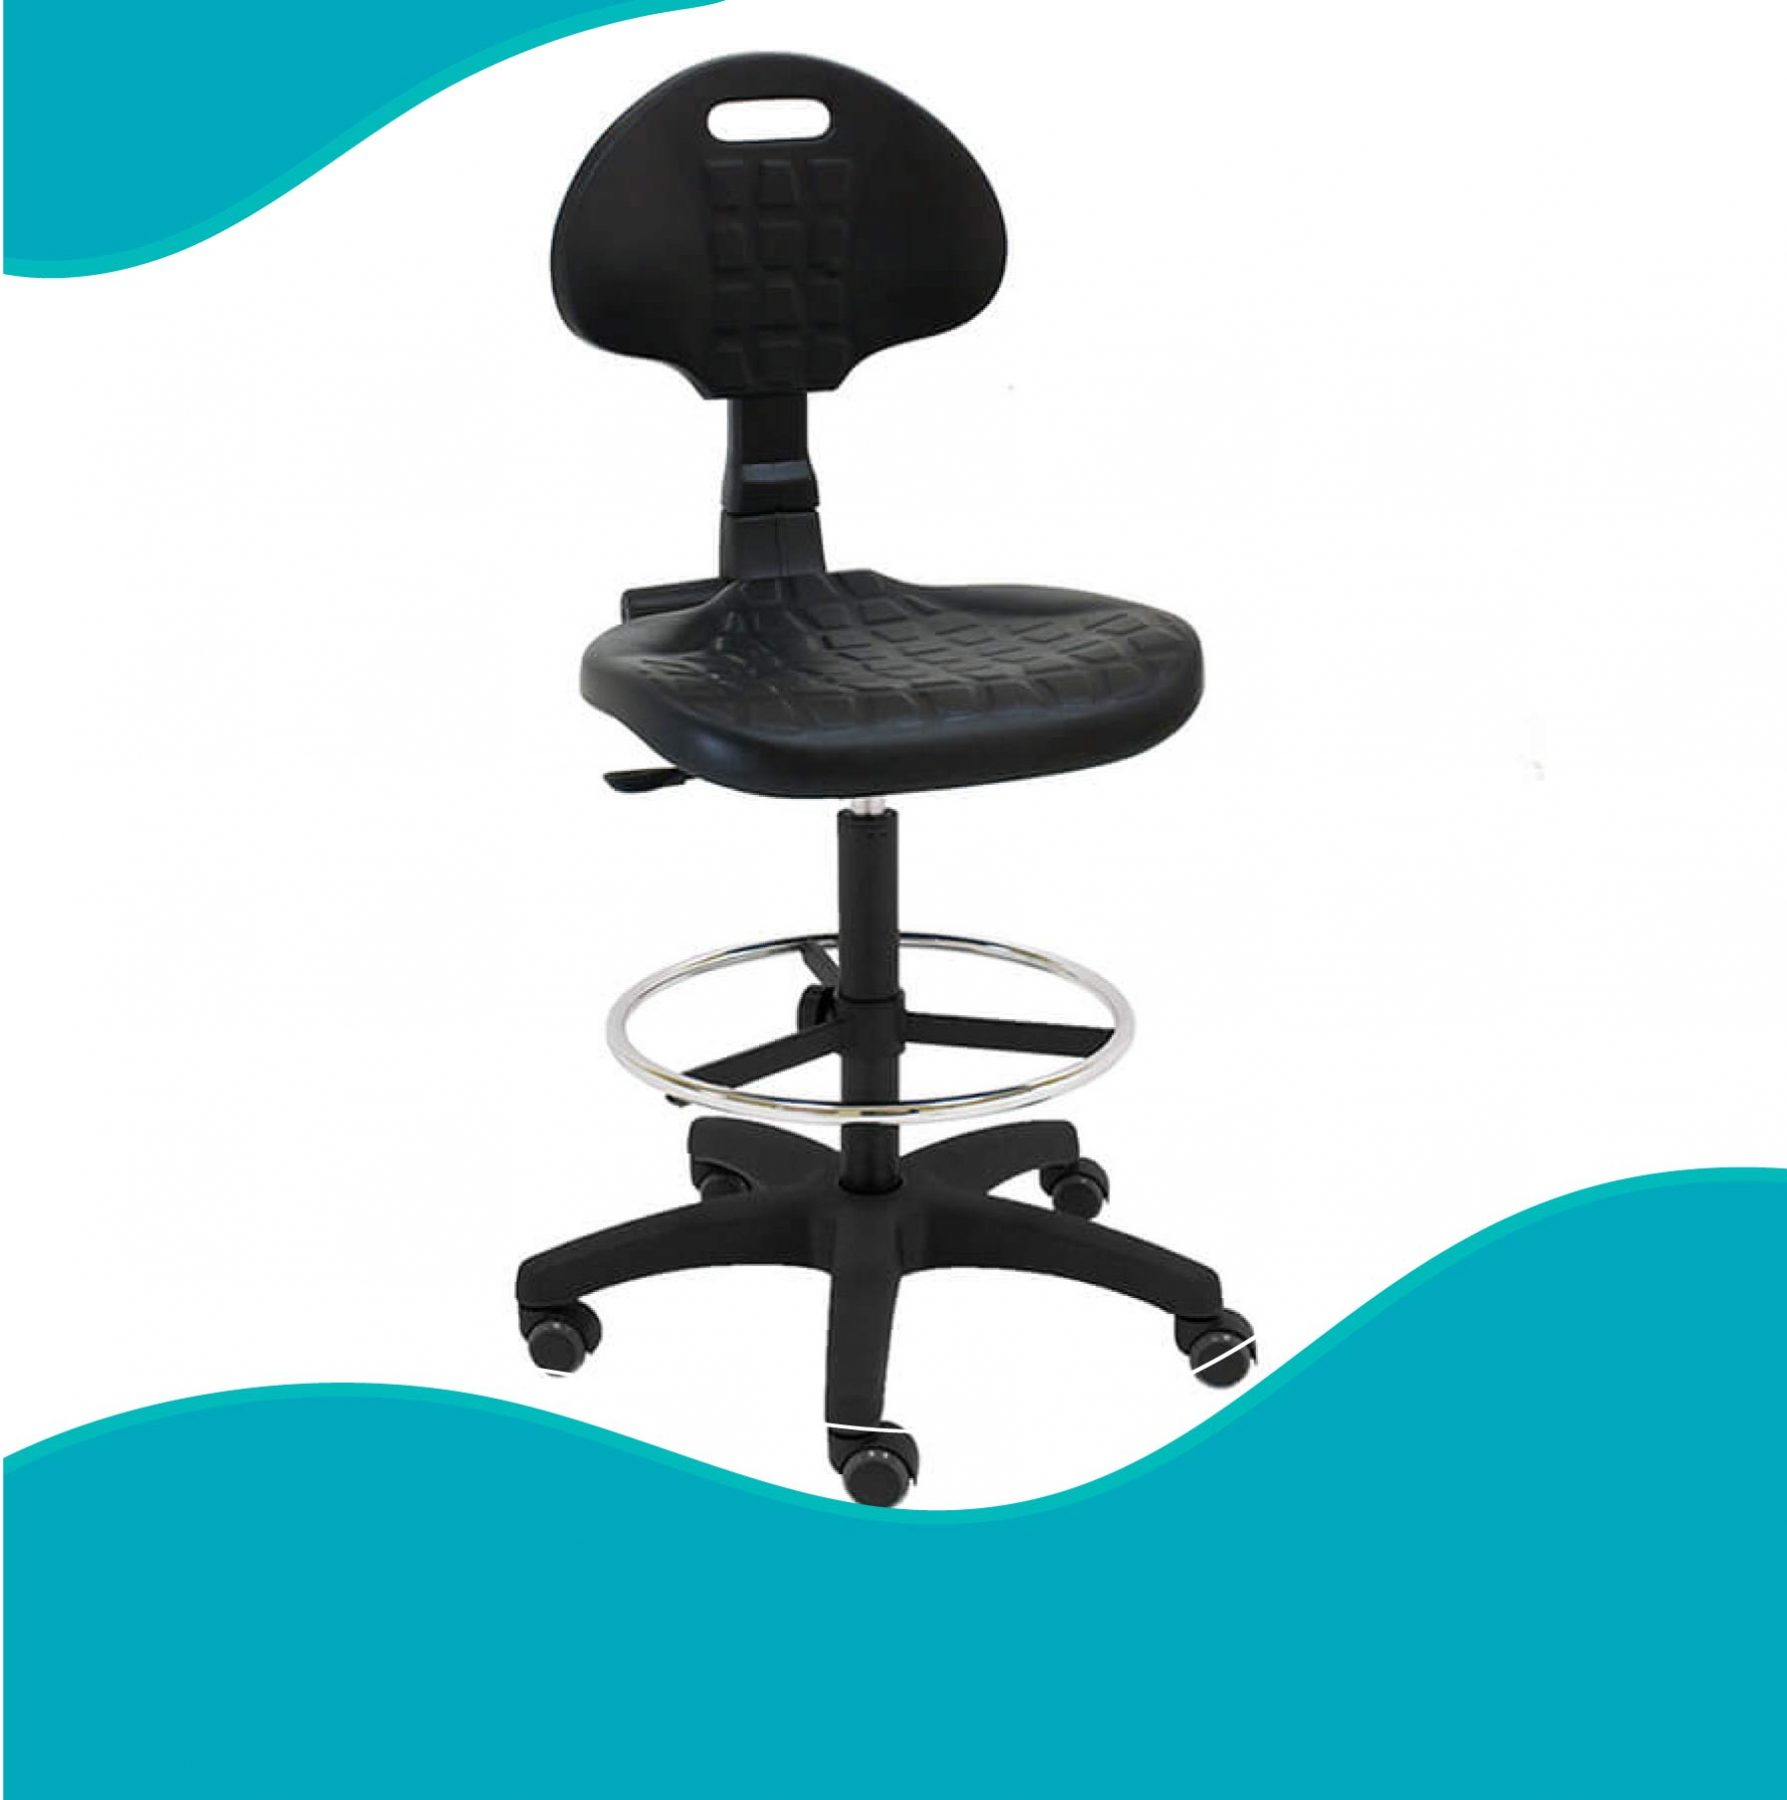 ventajas-usar-taburete-alto-oficina